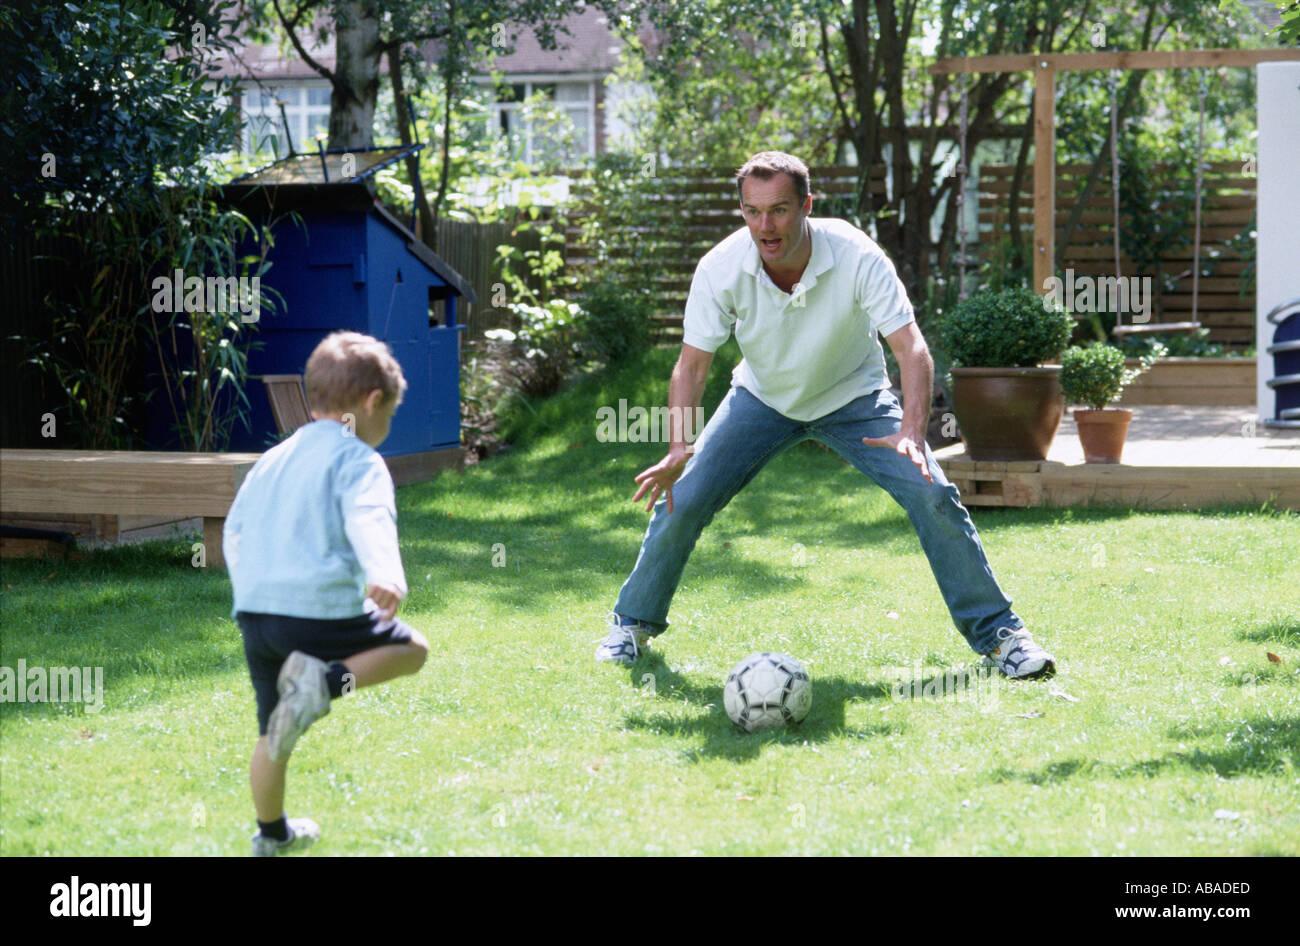 Padre e hijo jugando al fútbol Foto de stock